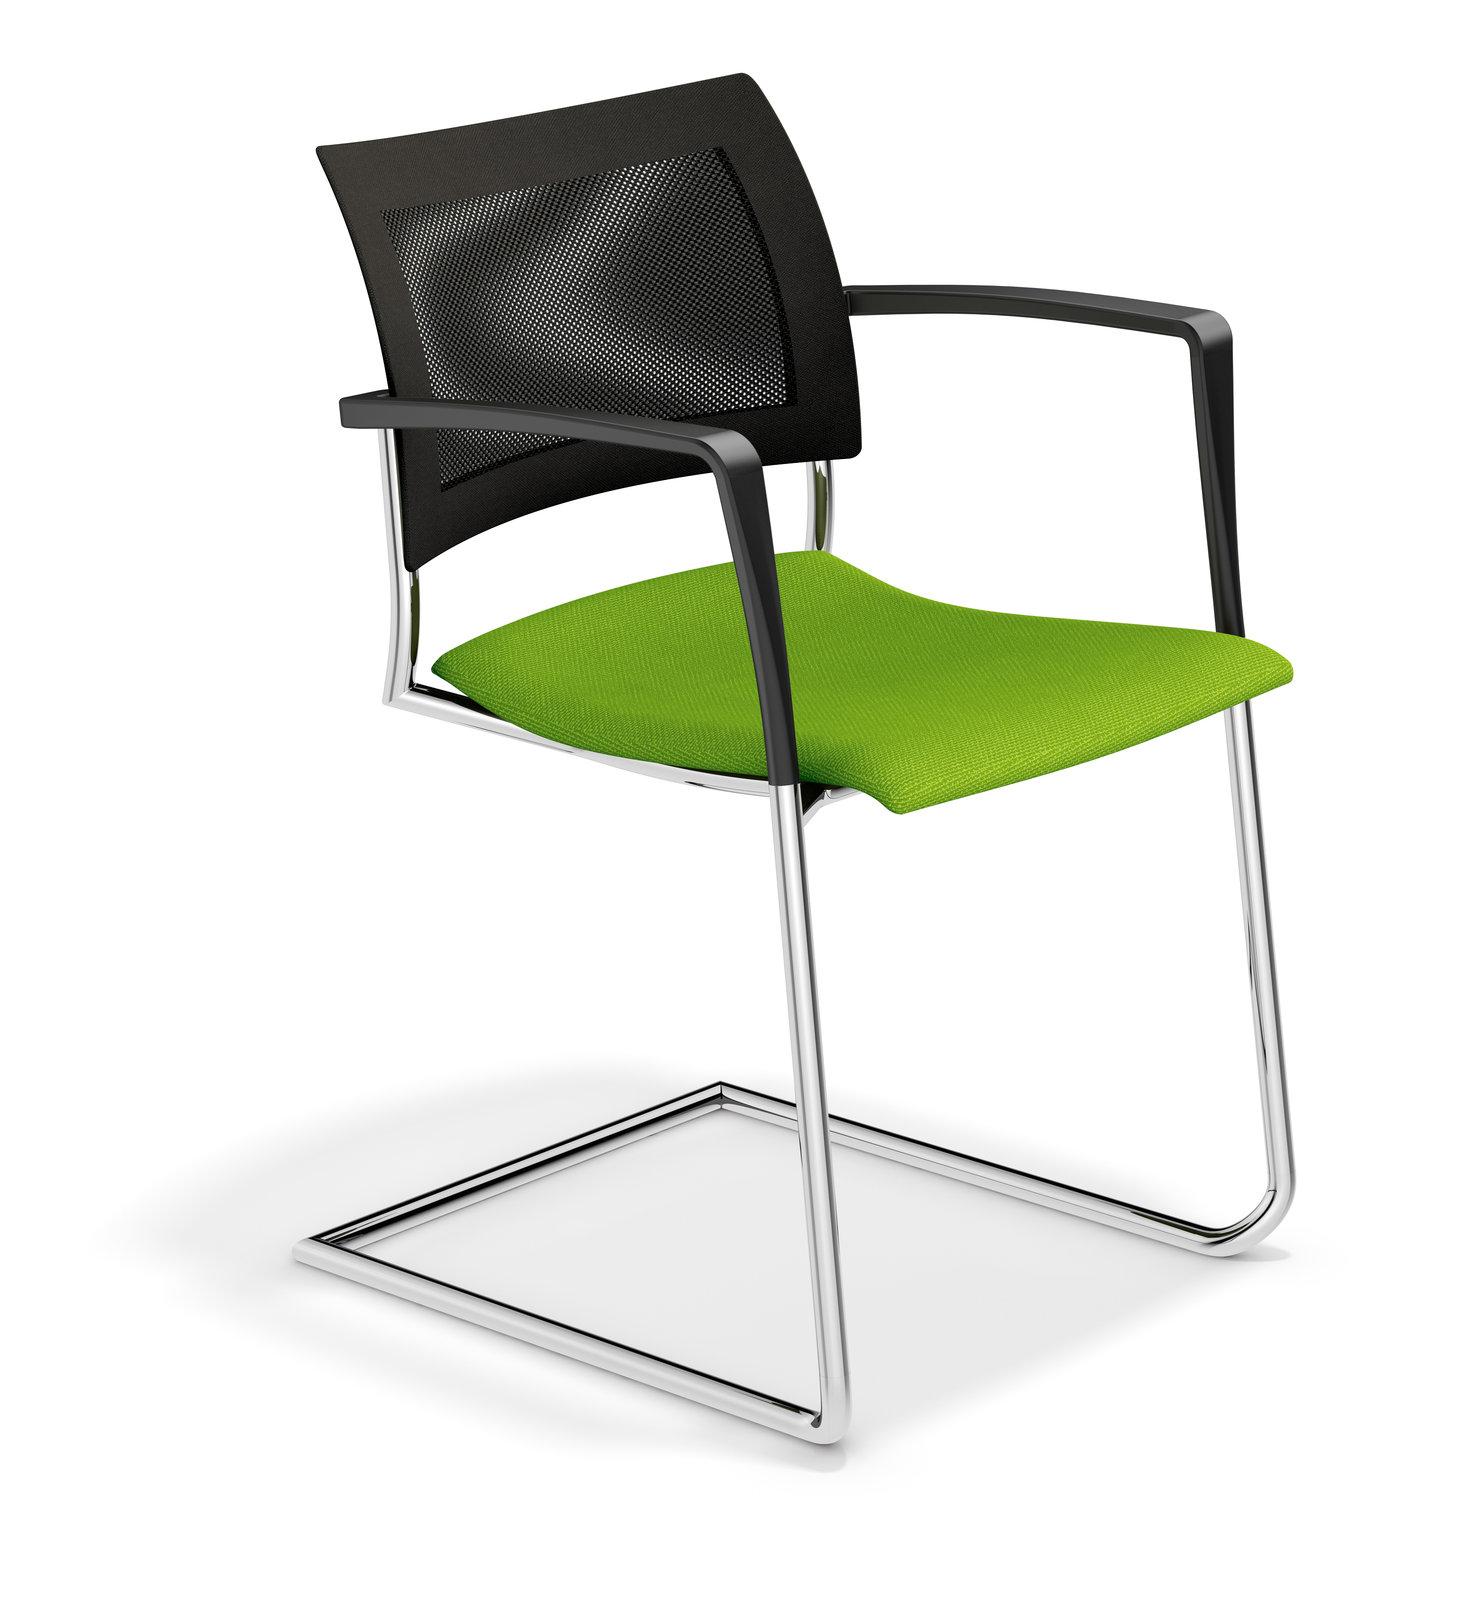 si ges chaises salle r union ubia mobilier bureau 2488 10 feniks ii 3 ubia. Black Bedroom Furniture Sets. Home Design Ideas